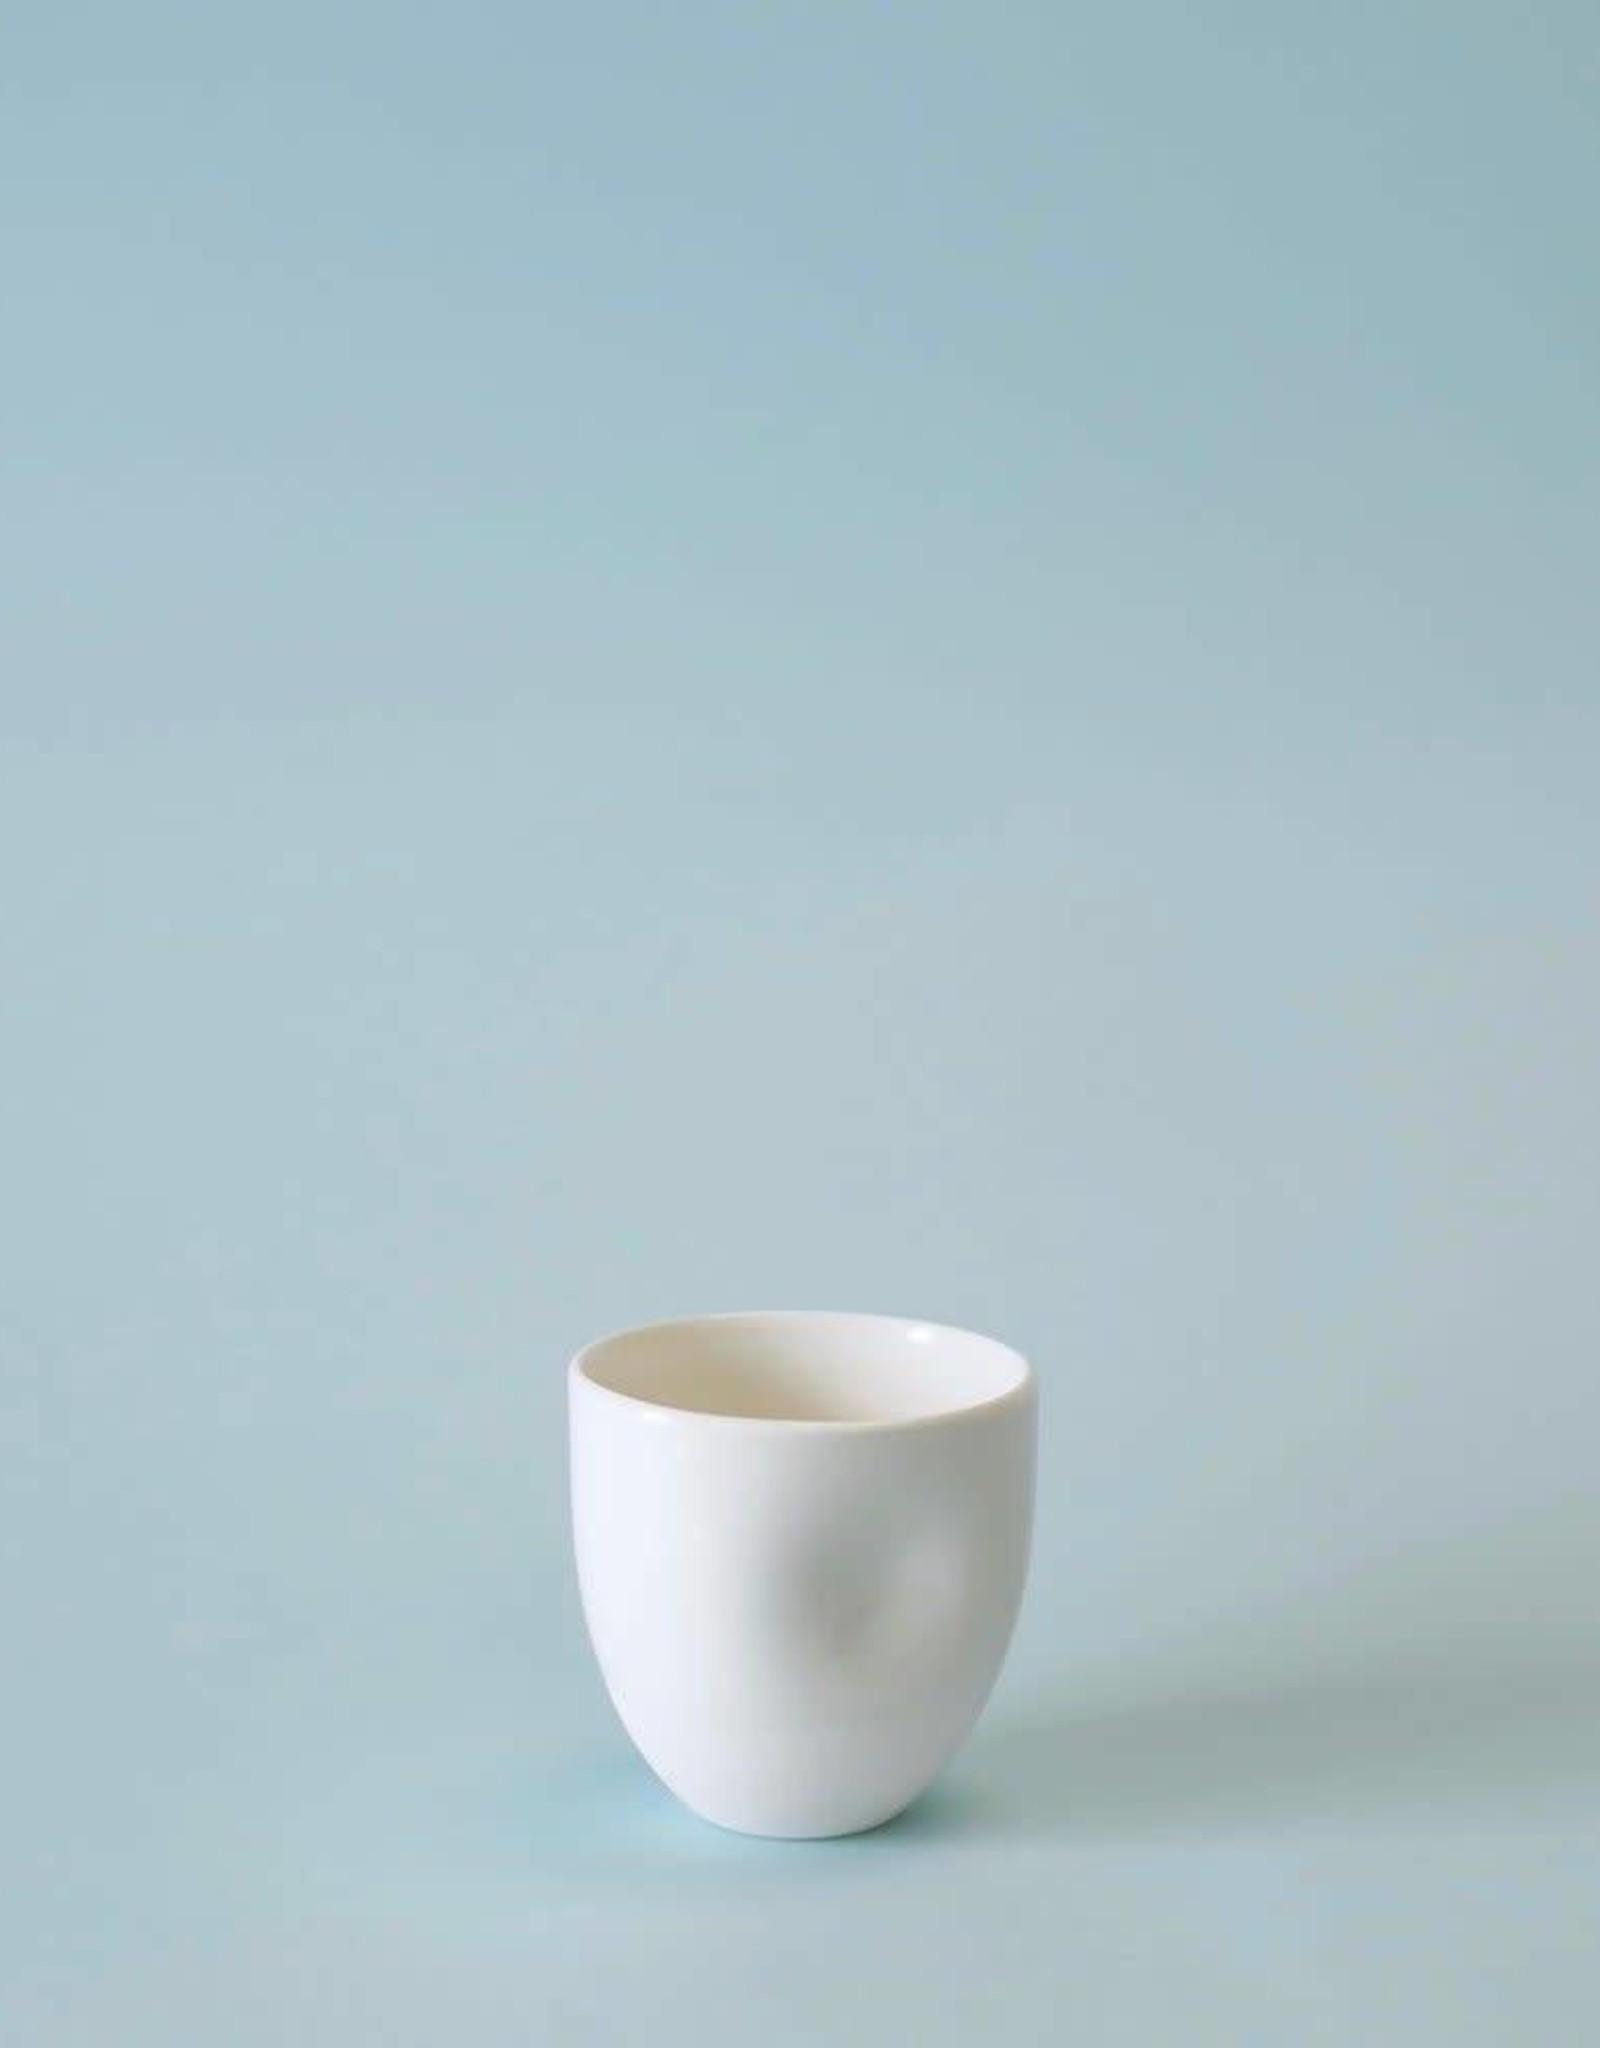 Unique Cup - Bisque - Large